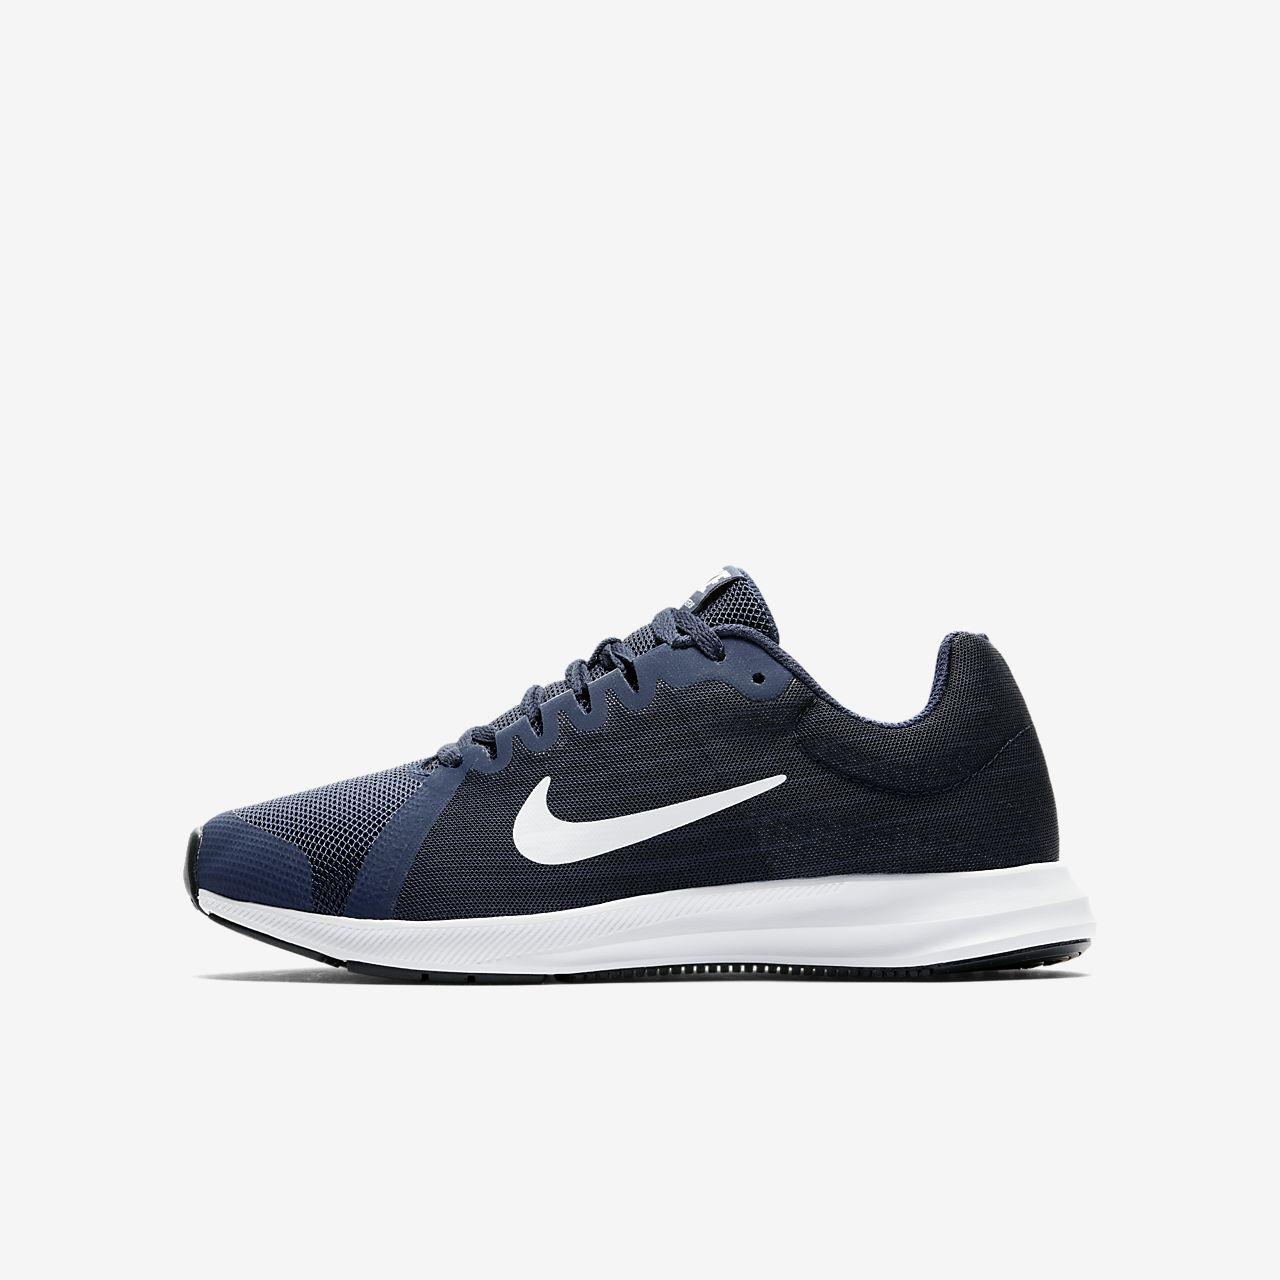 Nike Downshifter 8 Genç Çocuk (Erkek) Koşu Ayakkabısı